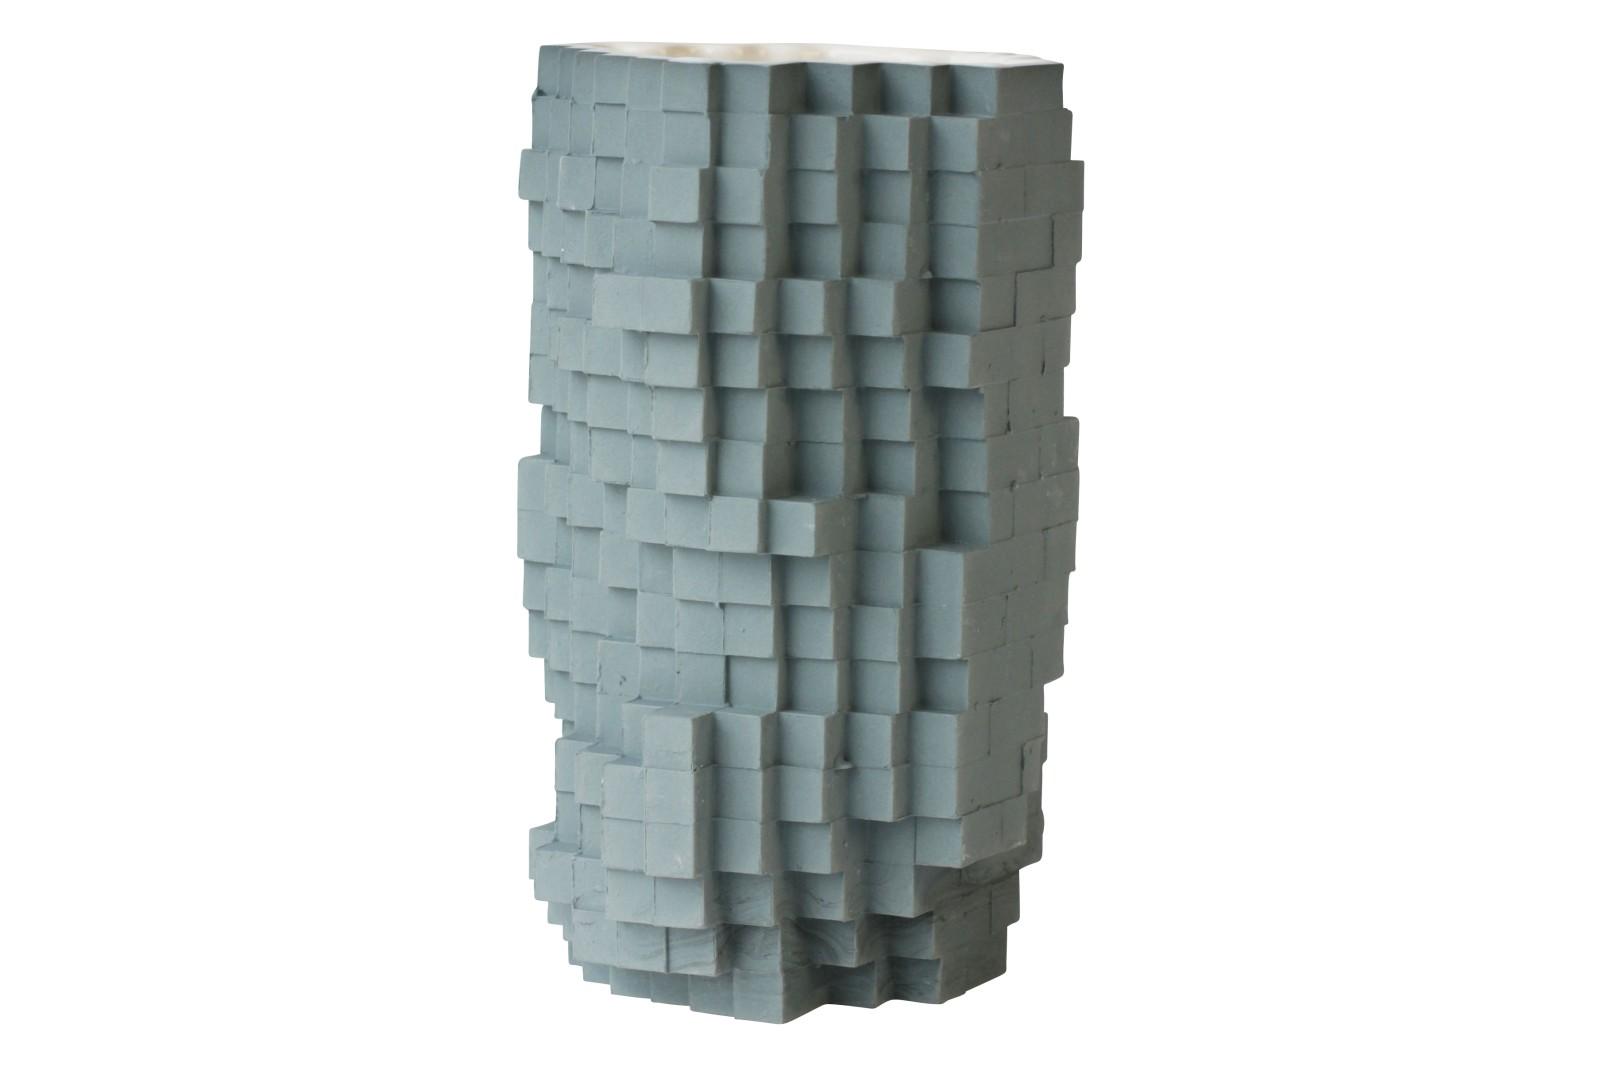 Pixel Vase Number 0251, Medium